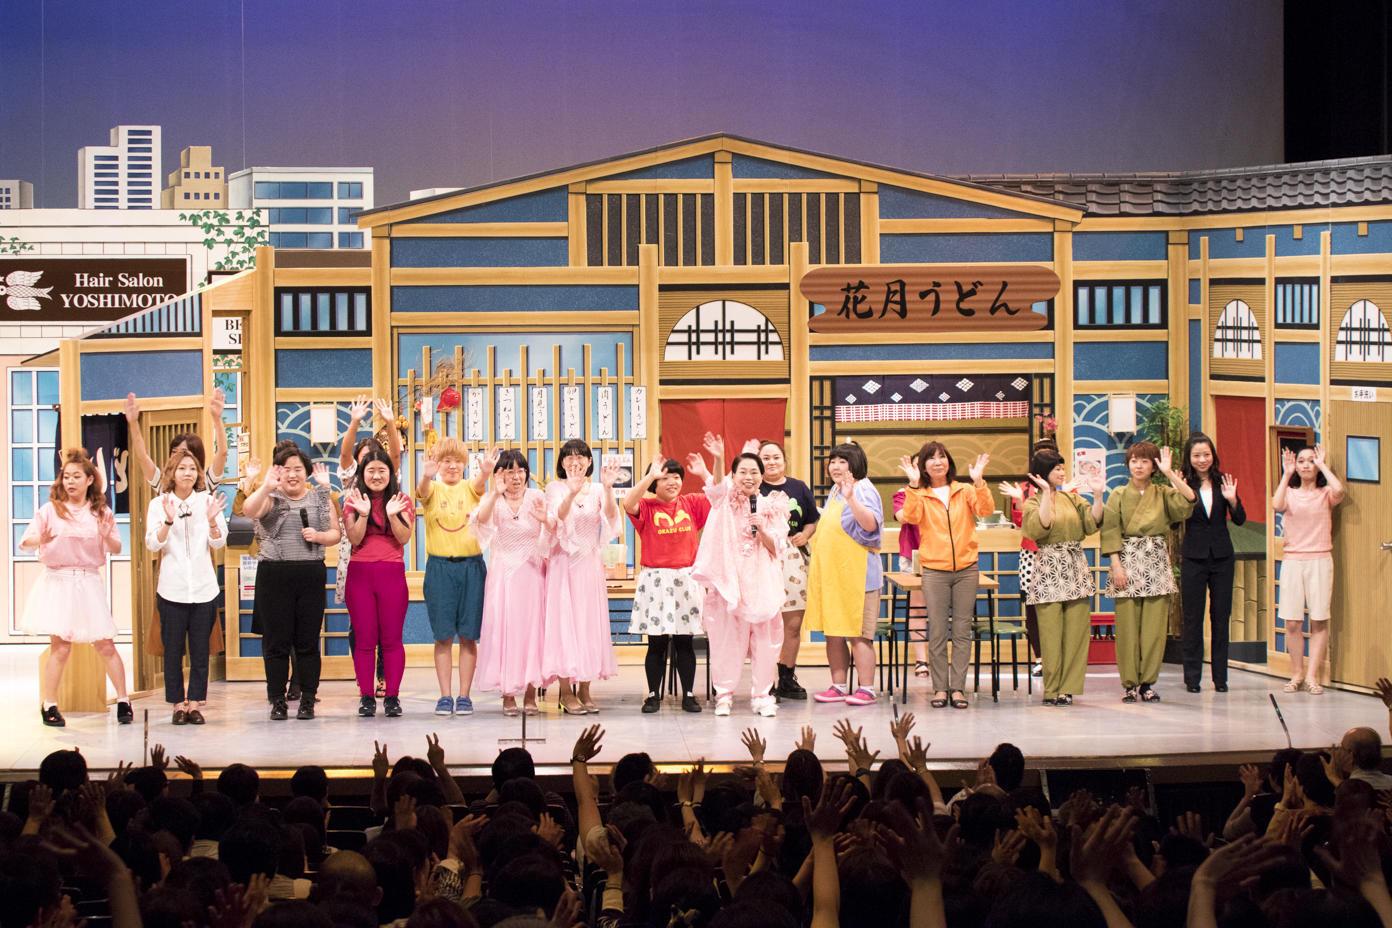 http://news.yoshimoto.co.jp/20170907220039-19ca3266bb485887468dbd22dab4db24a5f45278.jpg